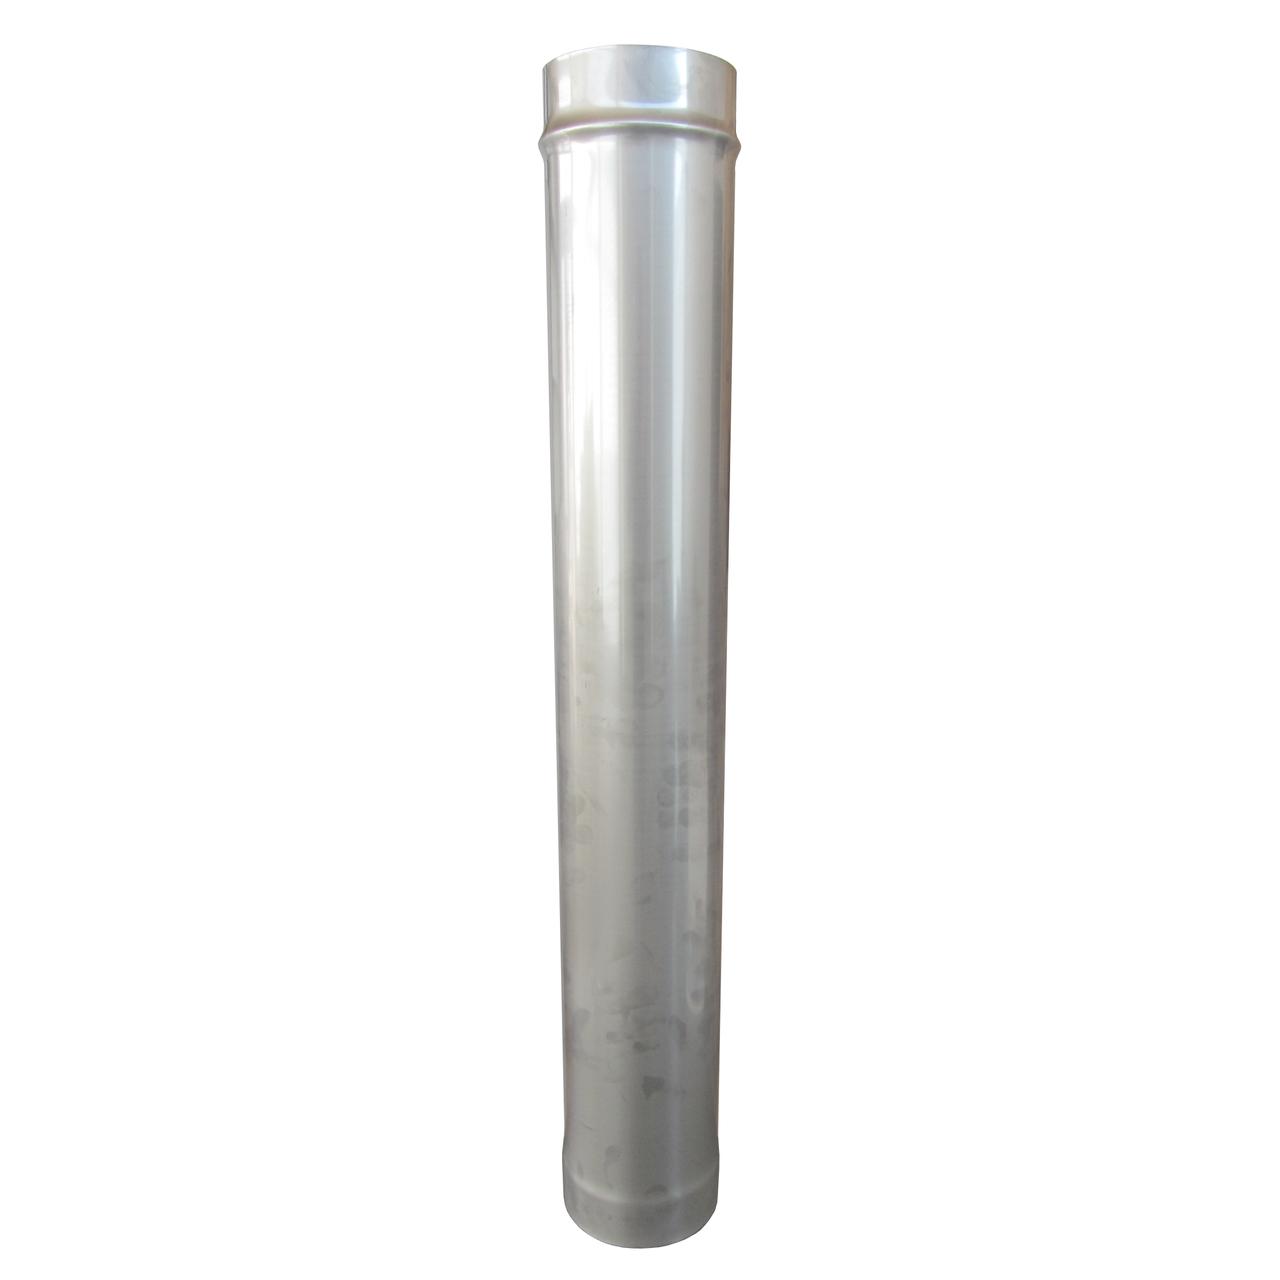 Труба ø300 мм 1 мм 1 метр AISI 321 Stalar дымоходная одностенная для дымохода бани сауны из нержавеющей стали